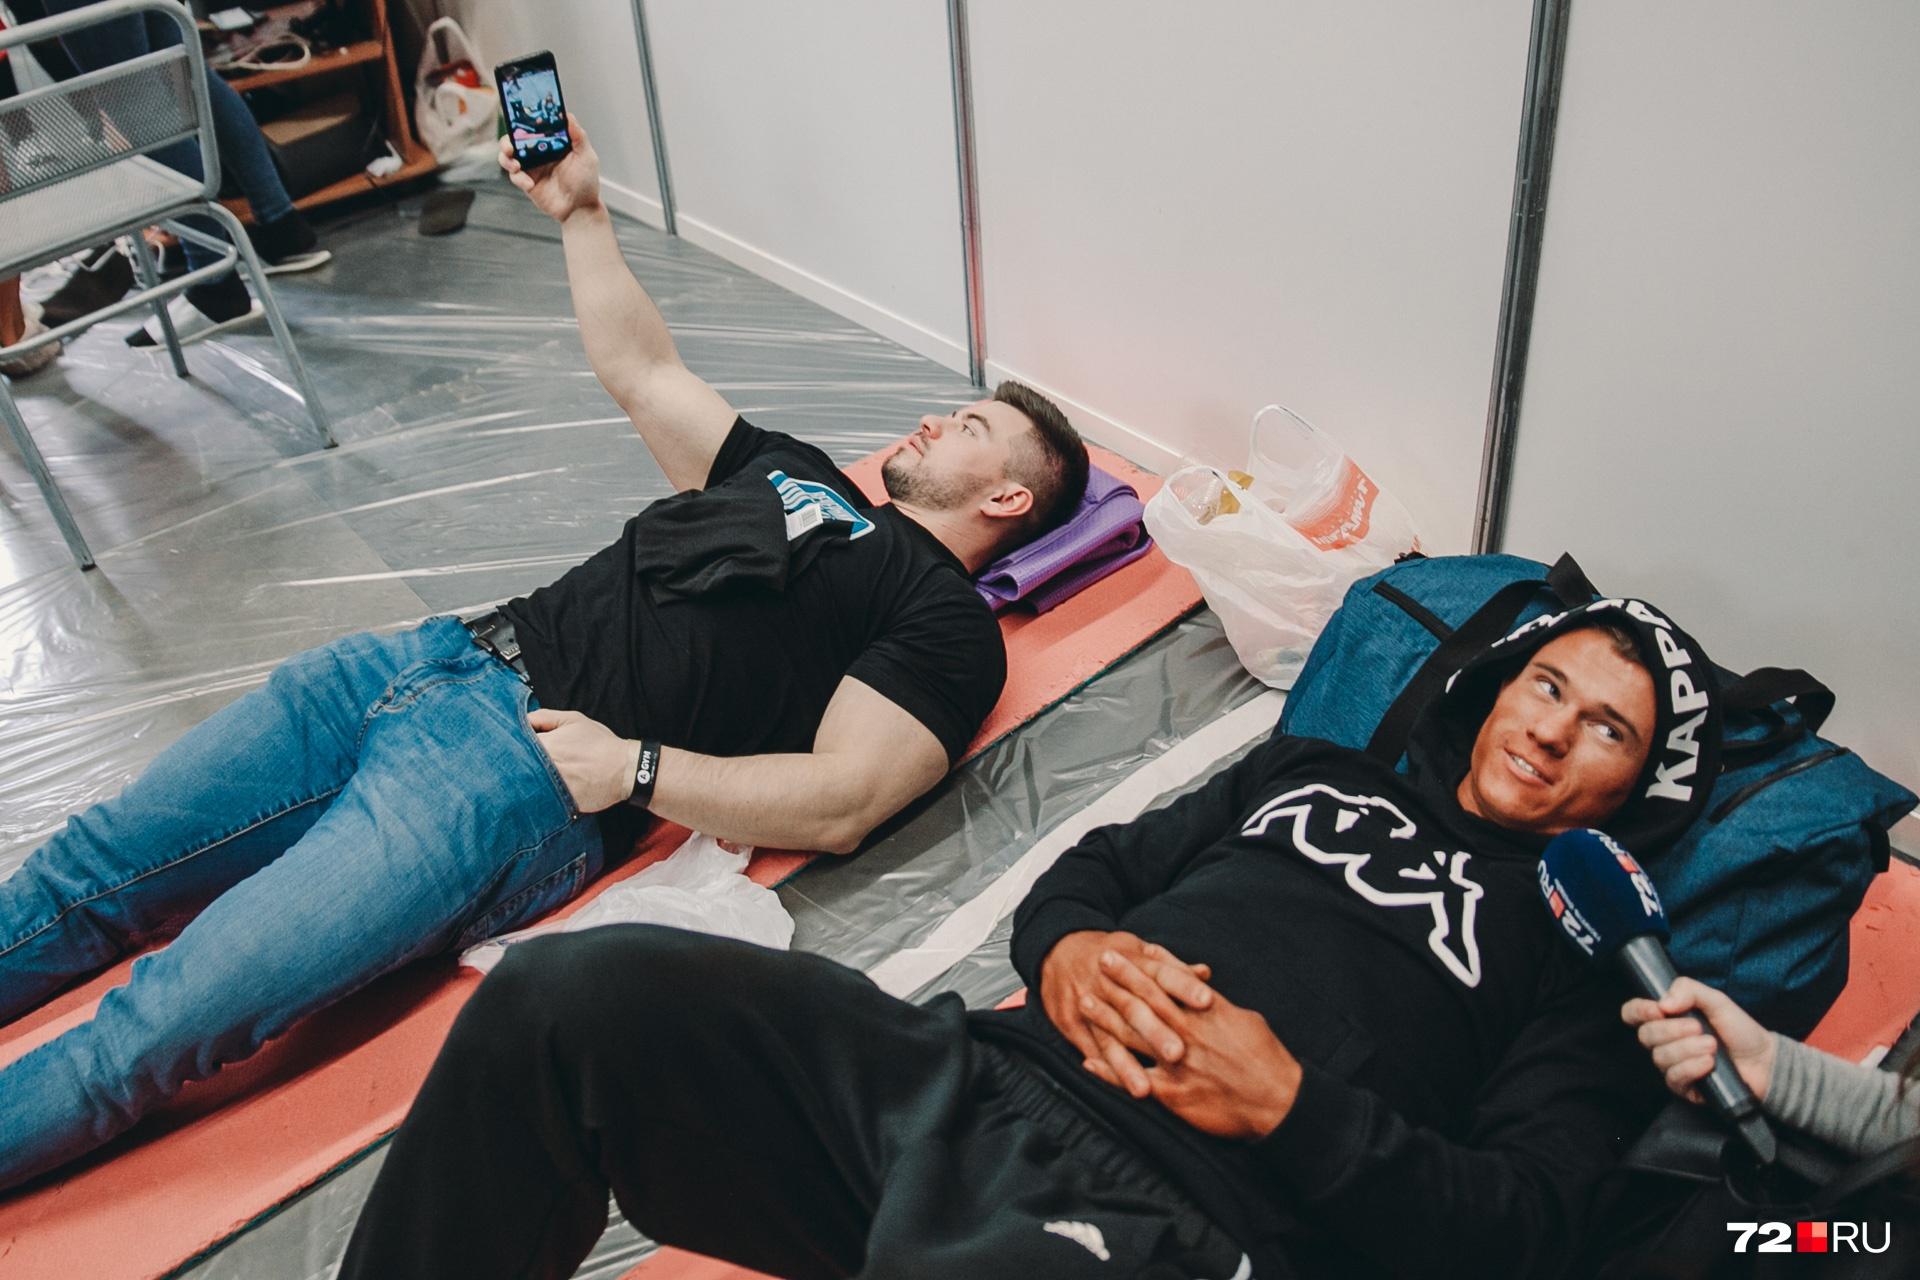 На полу лежали и мужчины. Мне, чтобы с ними пообщаться, тоже пришлось прилечь